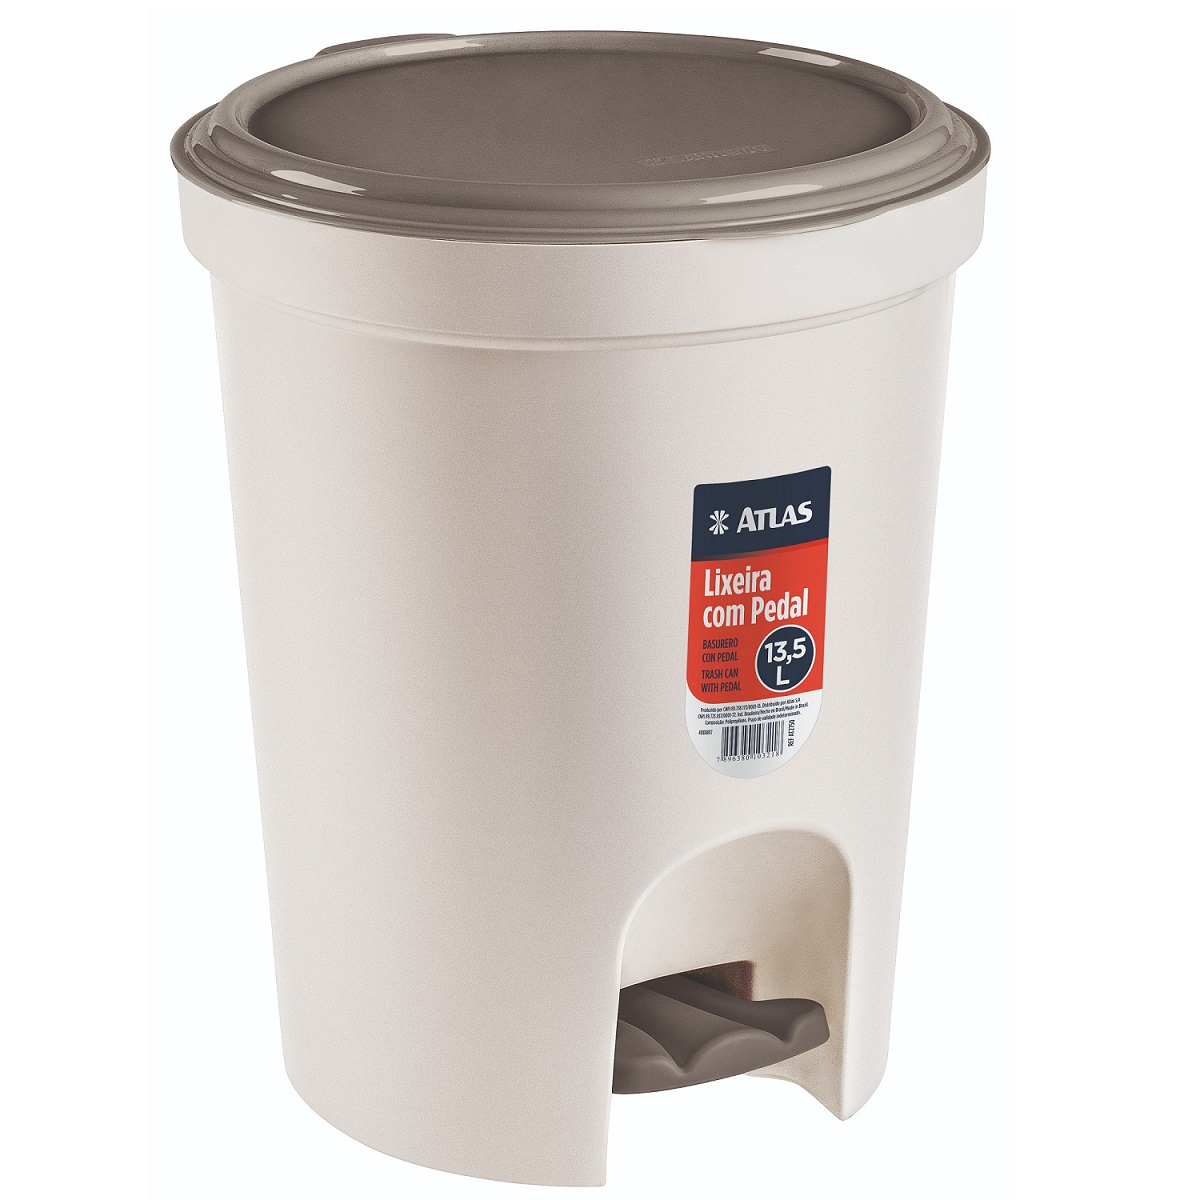 Lixeira Redonda Com Pedal Plástico 13,5l